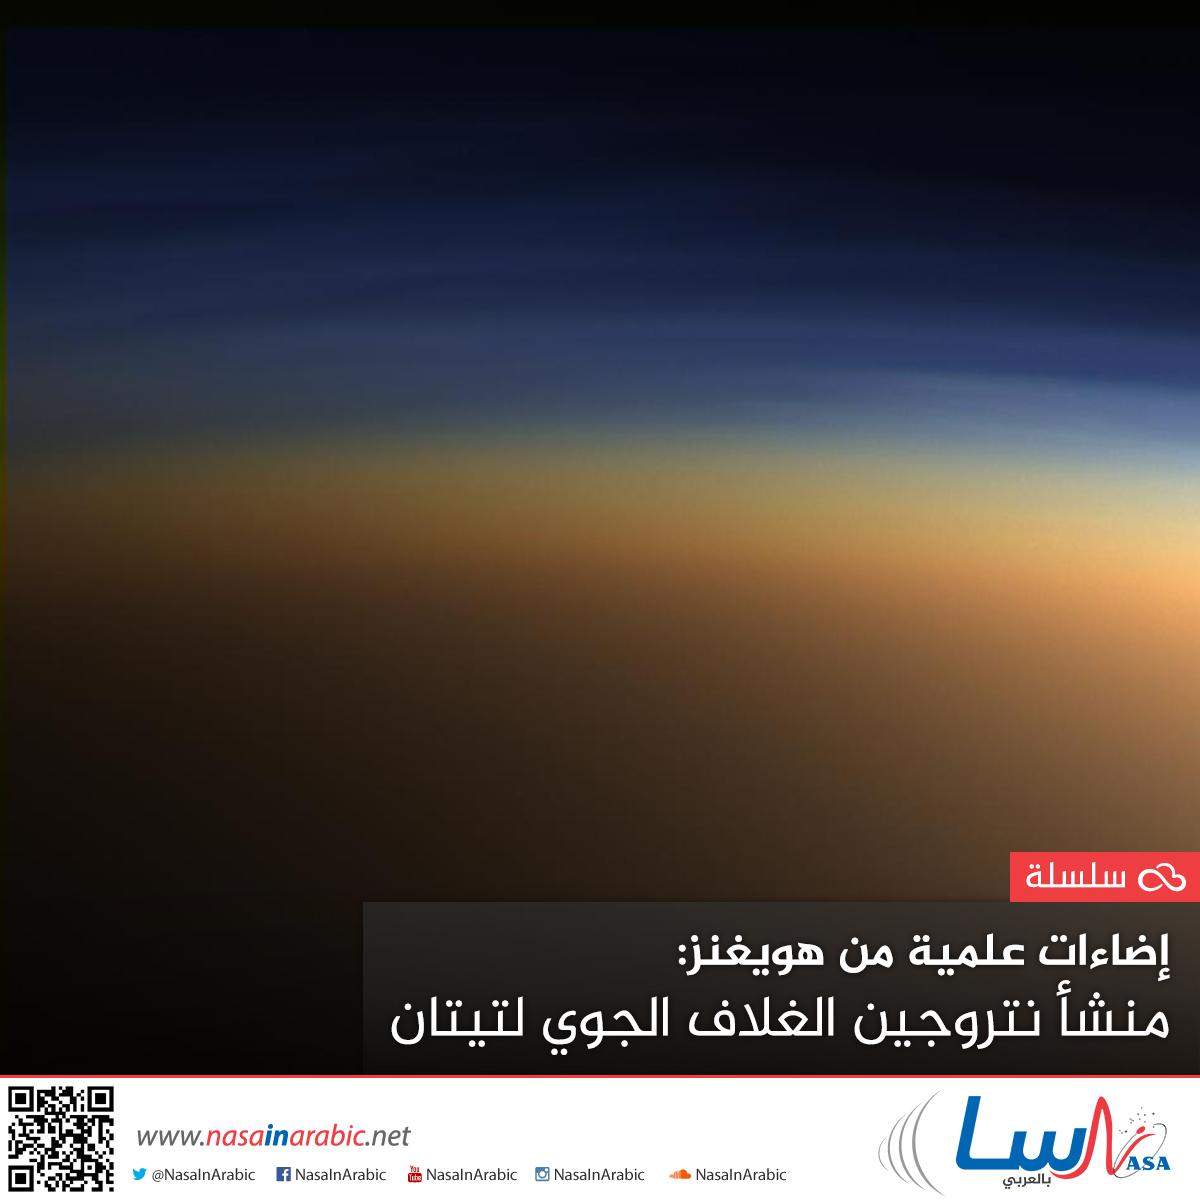 إضاءات علمية من هويغنز: كيف نشأ النيتروجين على تيتان؟